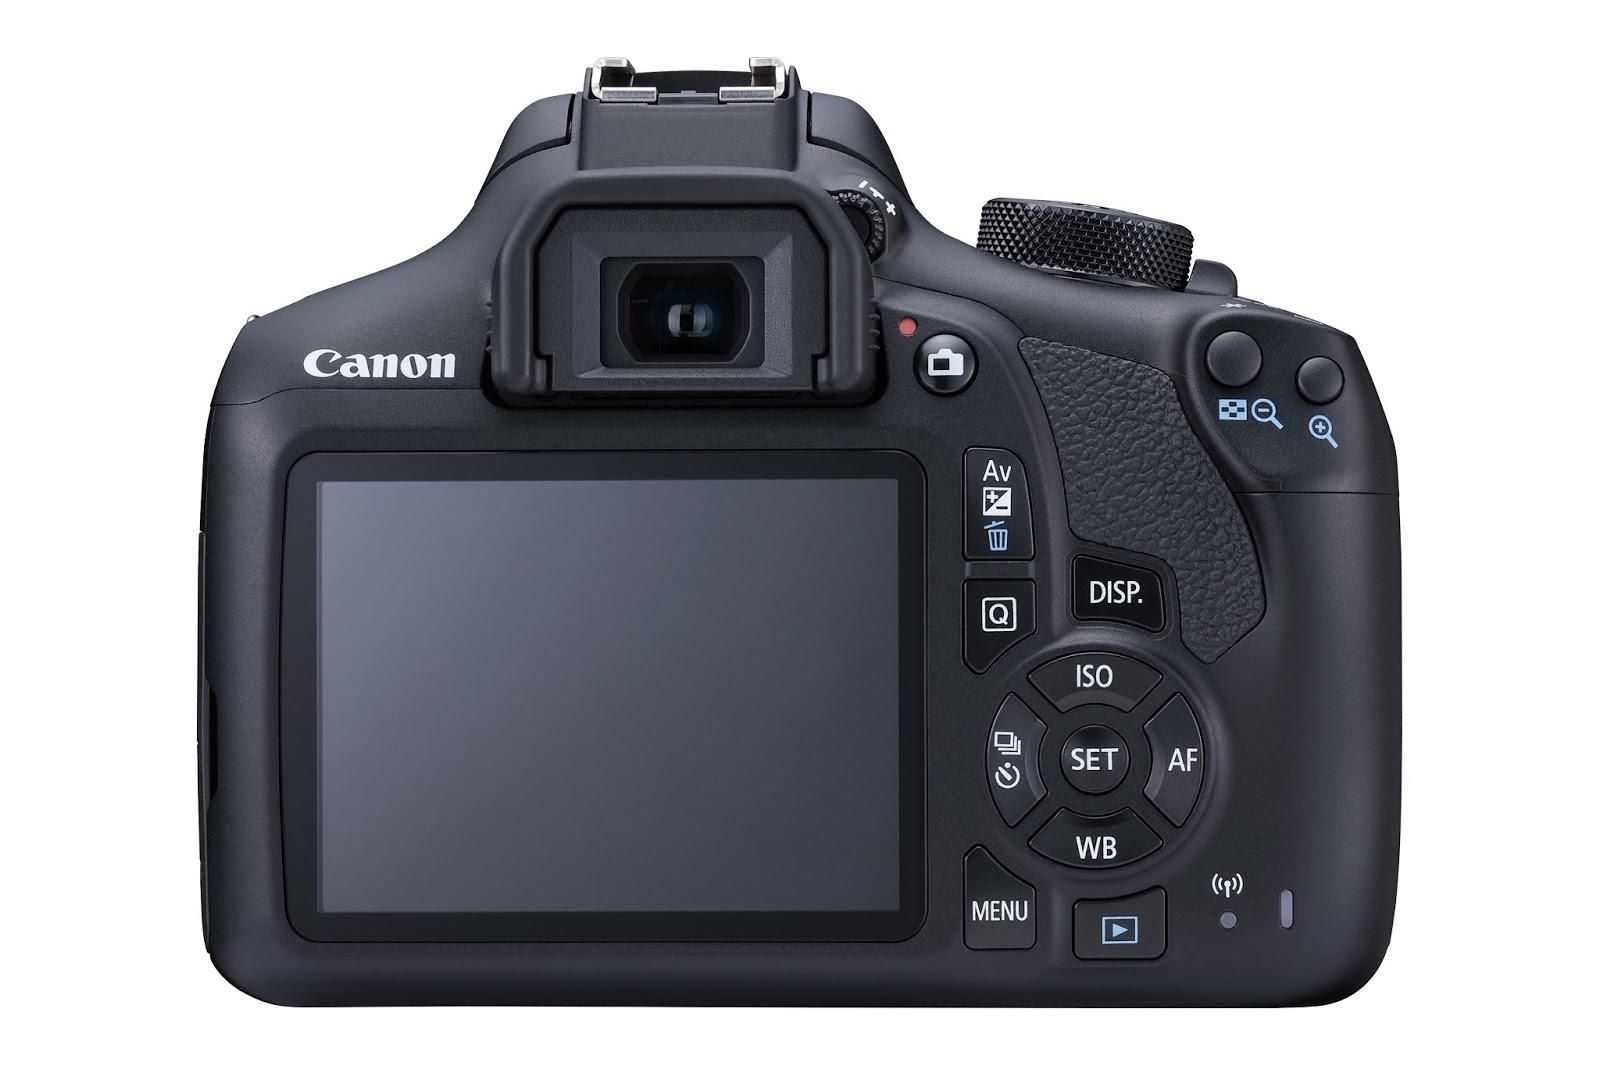 Camera Slr Camera Vs Dslr Camera canon 1300d vs 1200d review park cameras blog review